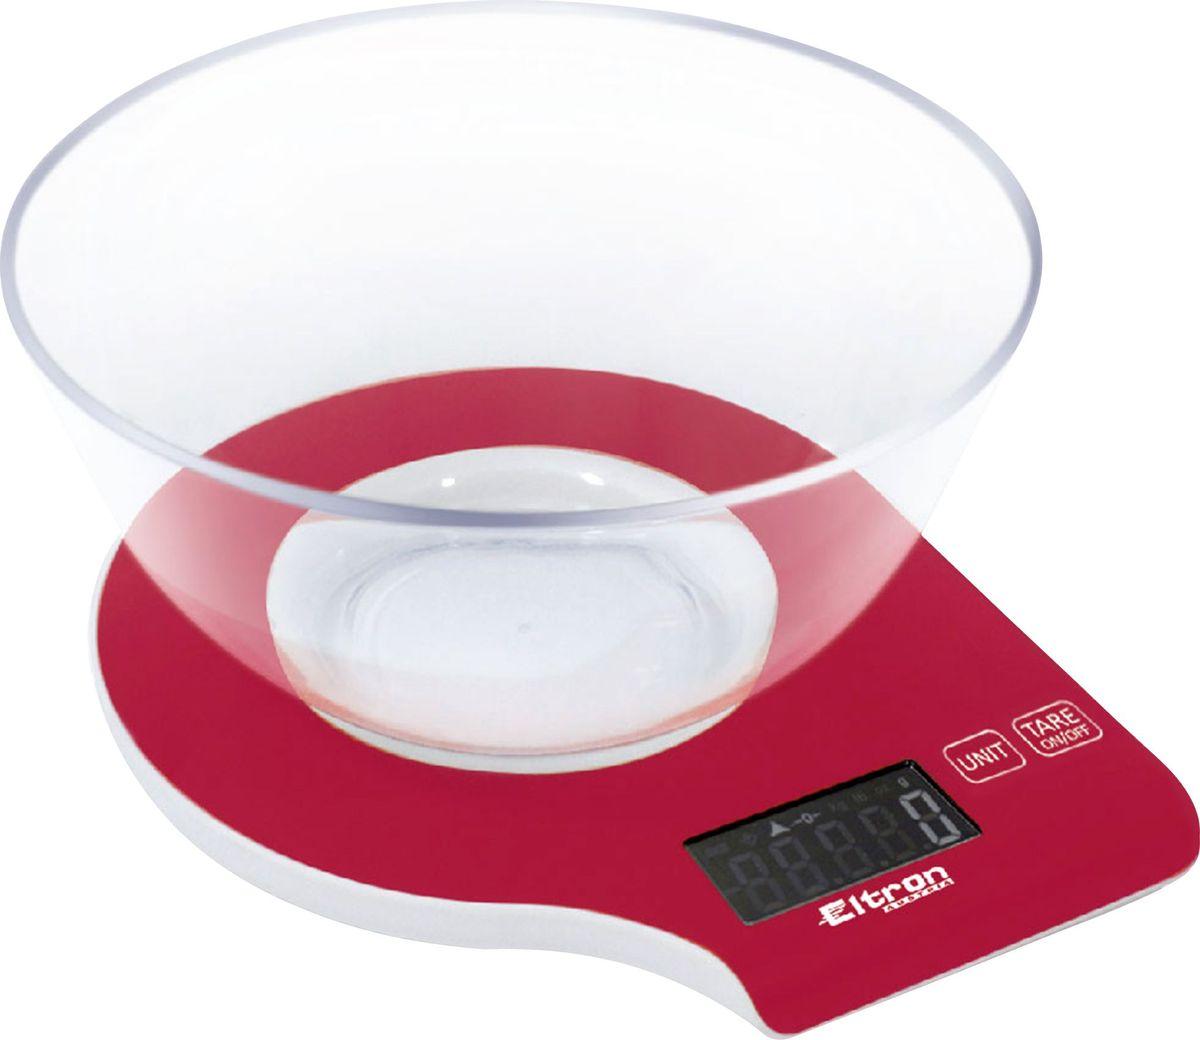 Весы кухонные Eltron, электронные, цвет: красный, до 5 кг. 9261EL весы eltron el 9219